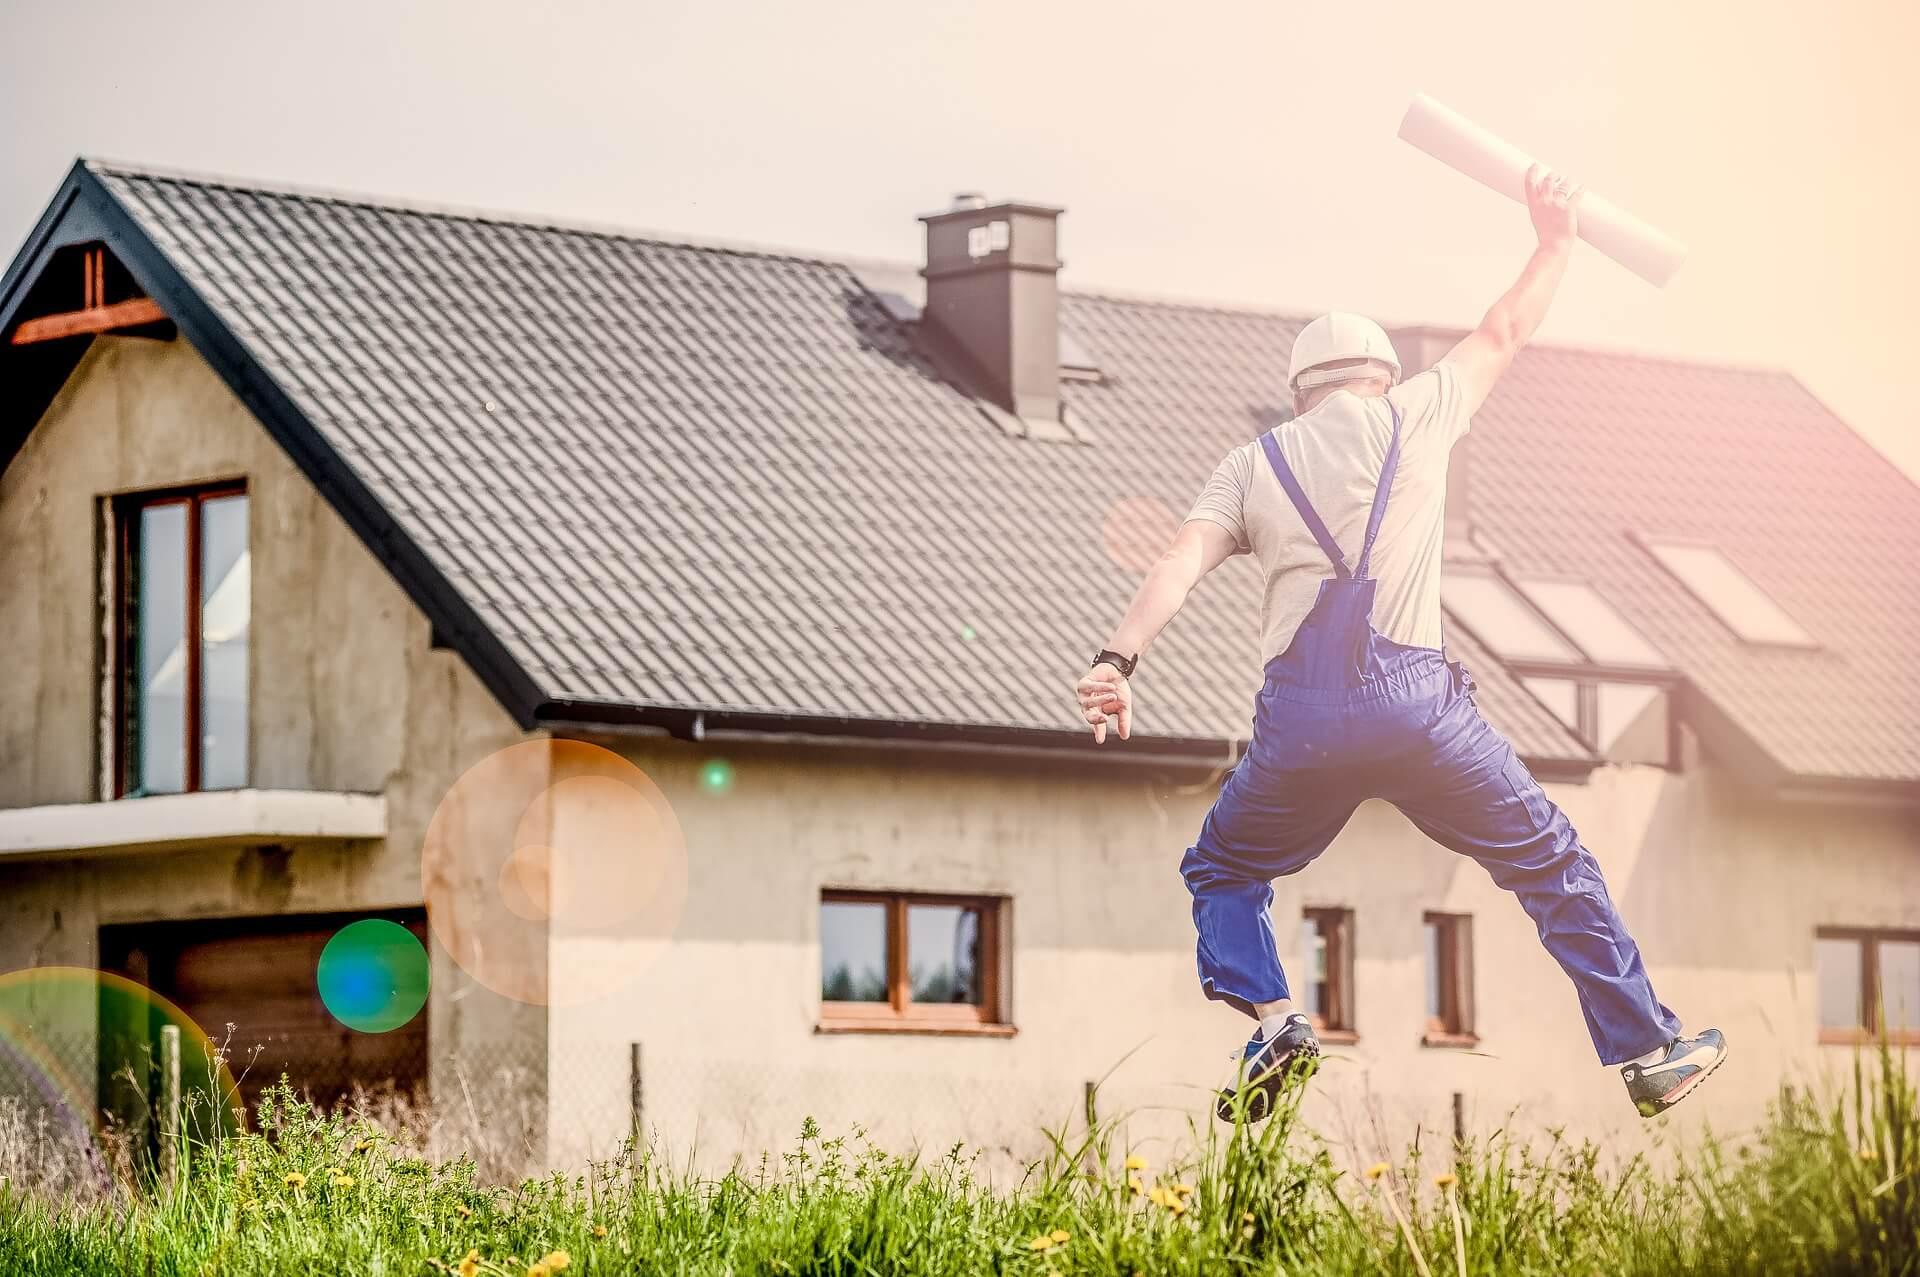 【沖縄版】民泊・Airbnb運営代行業者まとめ      (2020年9月22日修正)